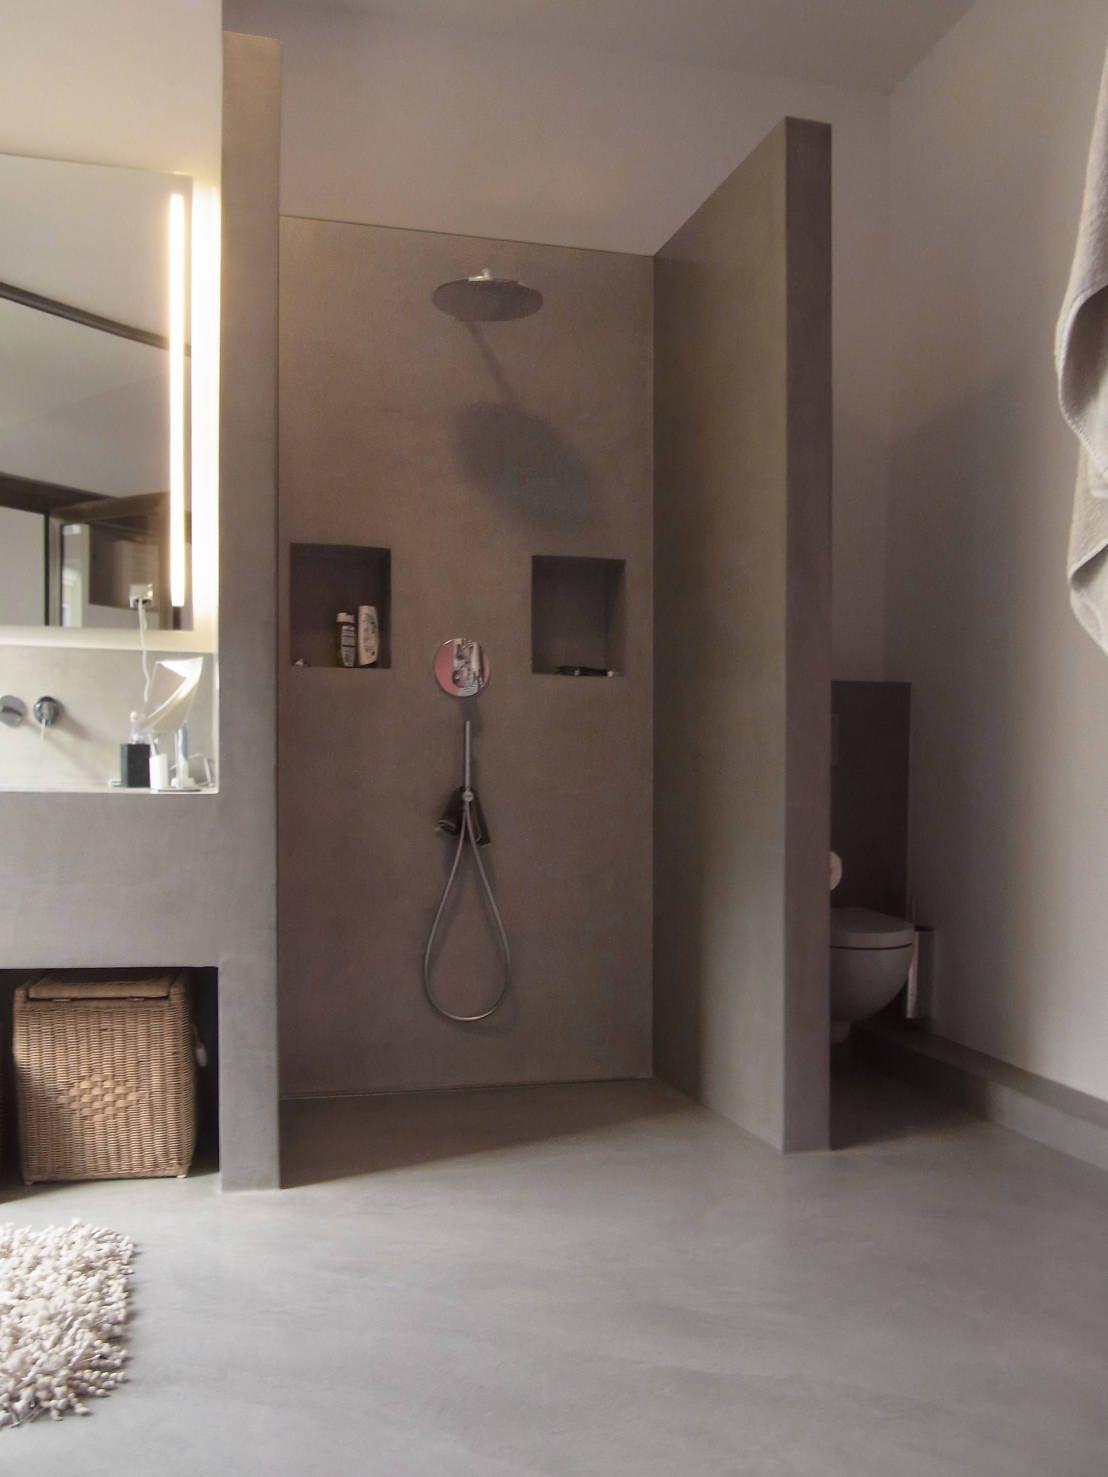 Warum Eine Dusche Cooler Ist Als Eine Badewanne Badezimmer Badezimmer Innenausstattung Offenes Badezimmer